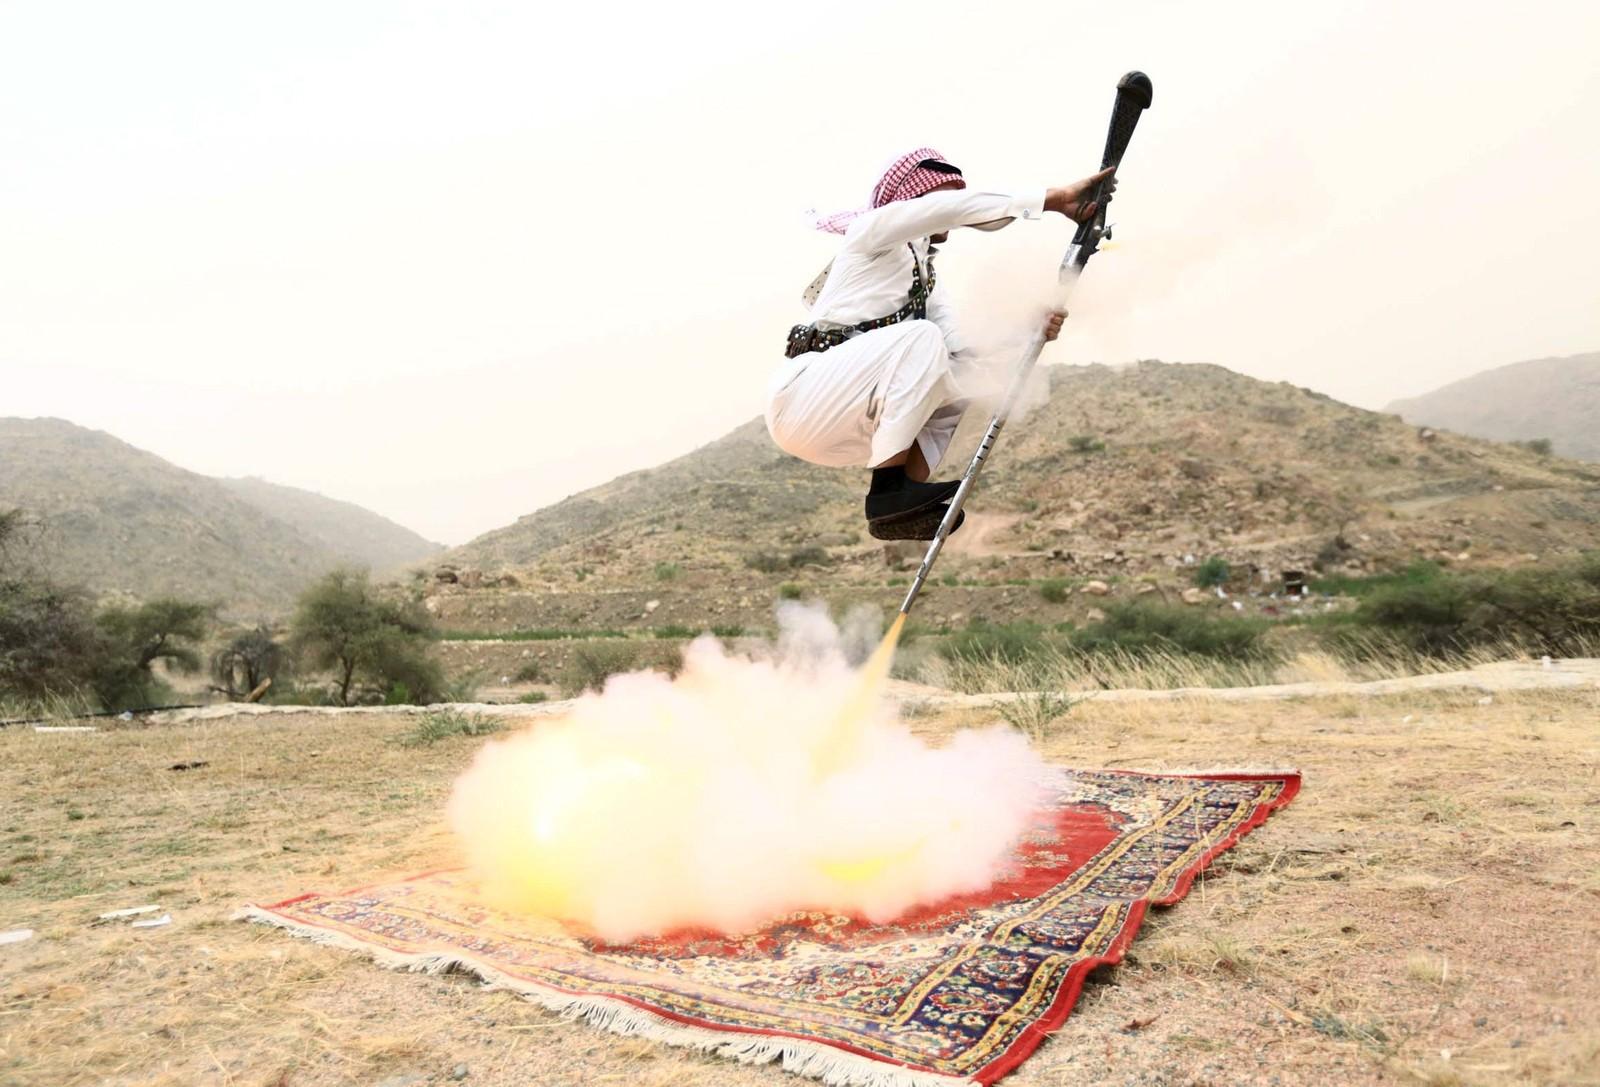 En mann avfyrer våpenet sitt samtidig som han utfører en tradisjonell dans i den saudiske byen Taif. Denne dansen utføres som regel i forbindelse med bryllup eller andre festiviteter.